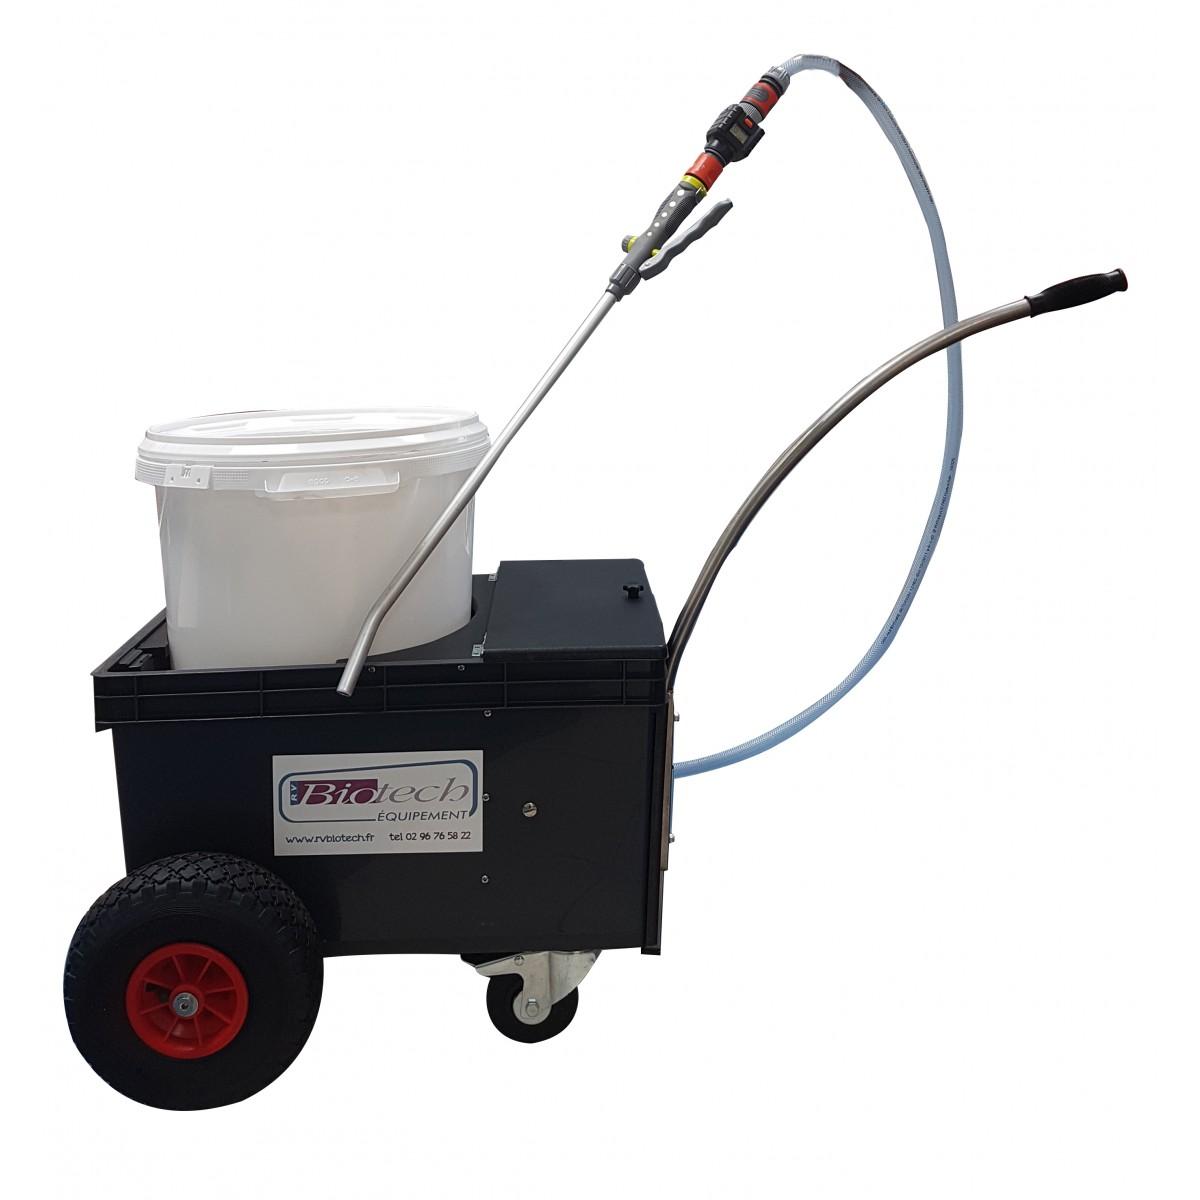 Le DISTRILIQ Jr. est un chariot de distribution de lait. RV BIOTECH